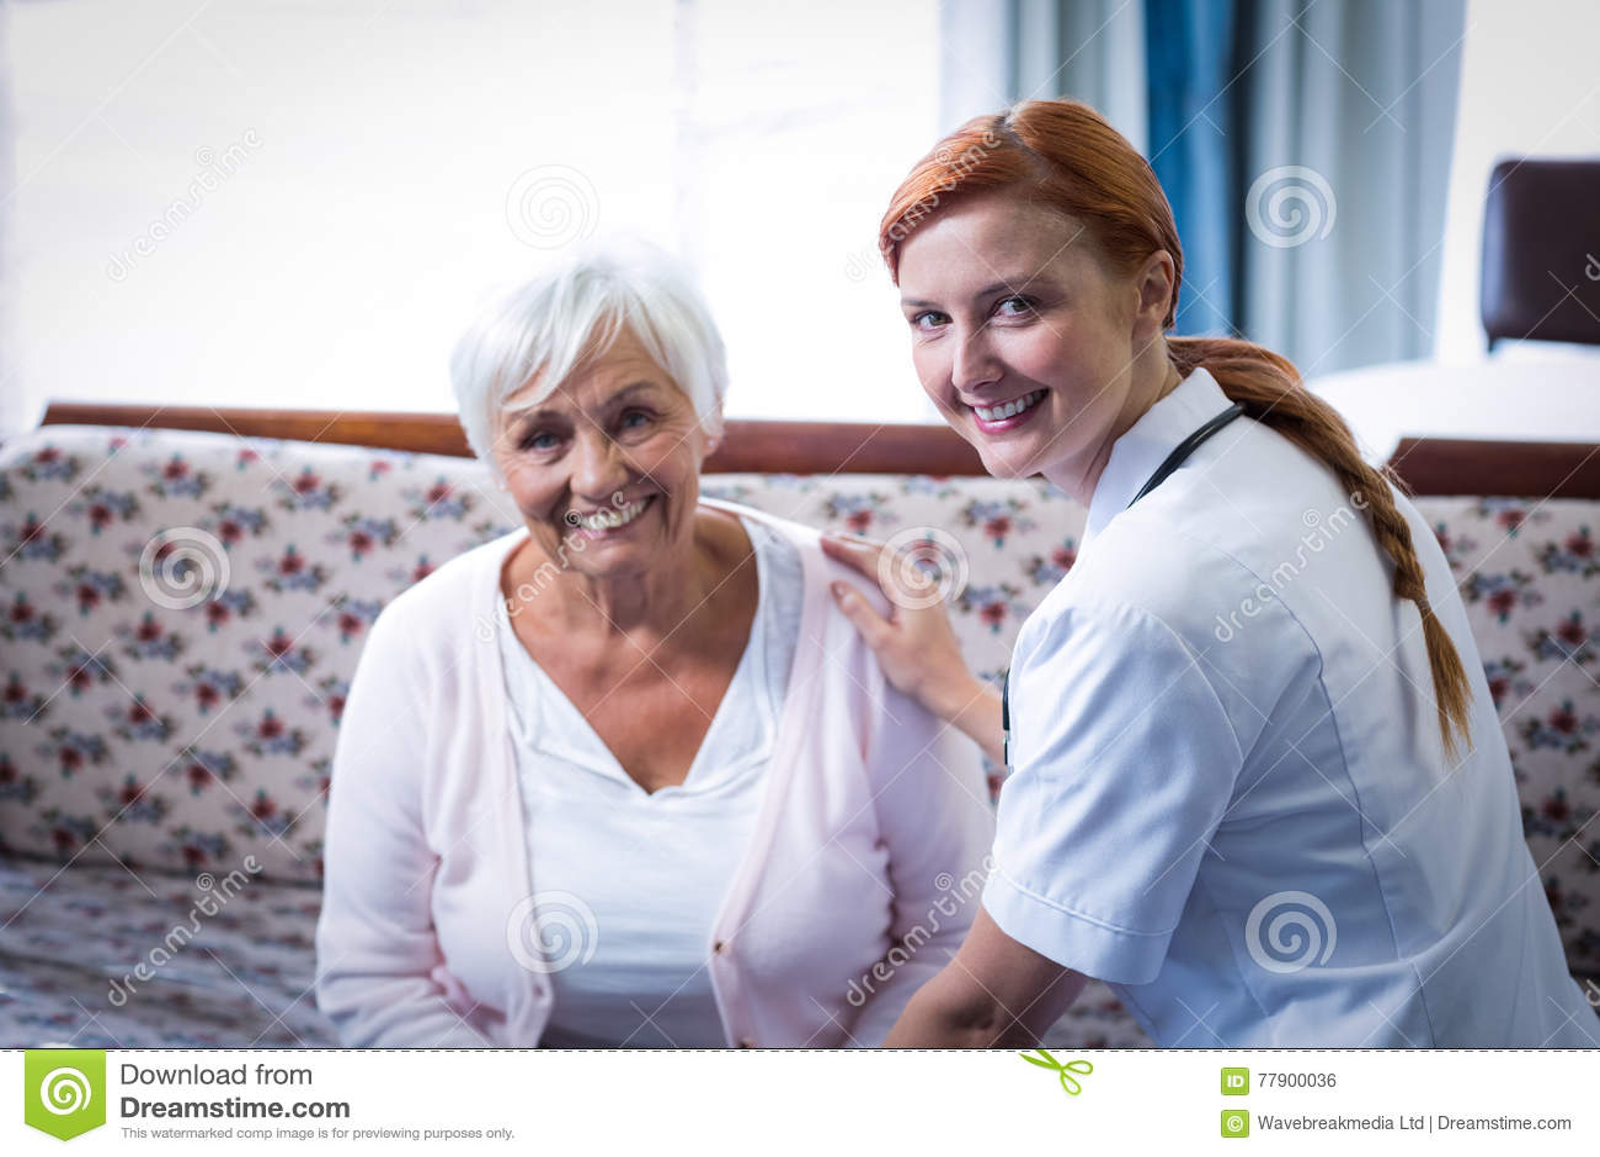 Πορτρέτο της χαμογελώντας ανώτερης γυναίκας και του θηλυκού γιατρού στο καθιστικό